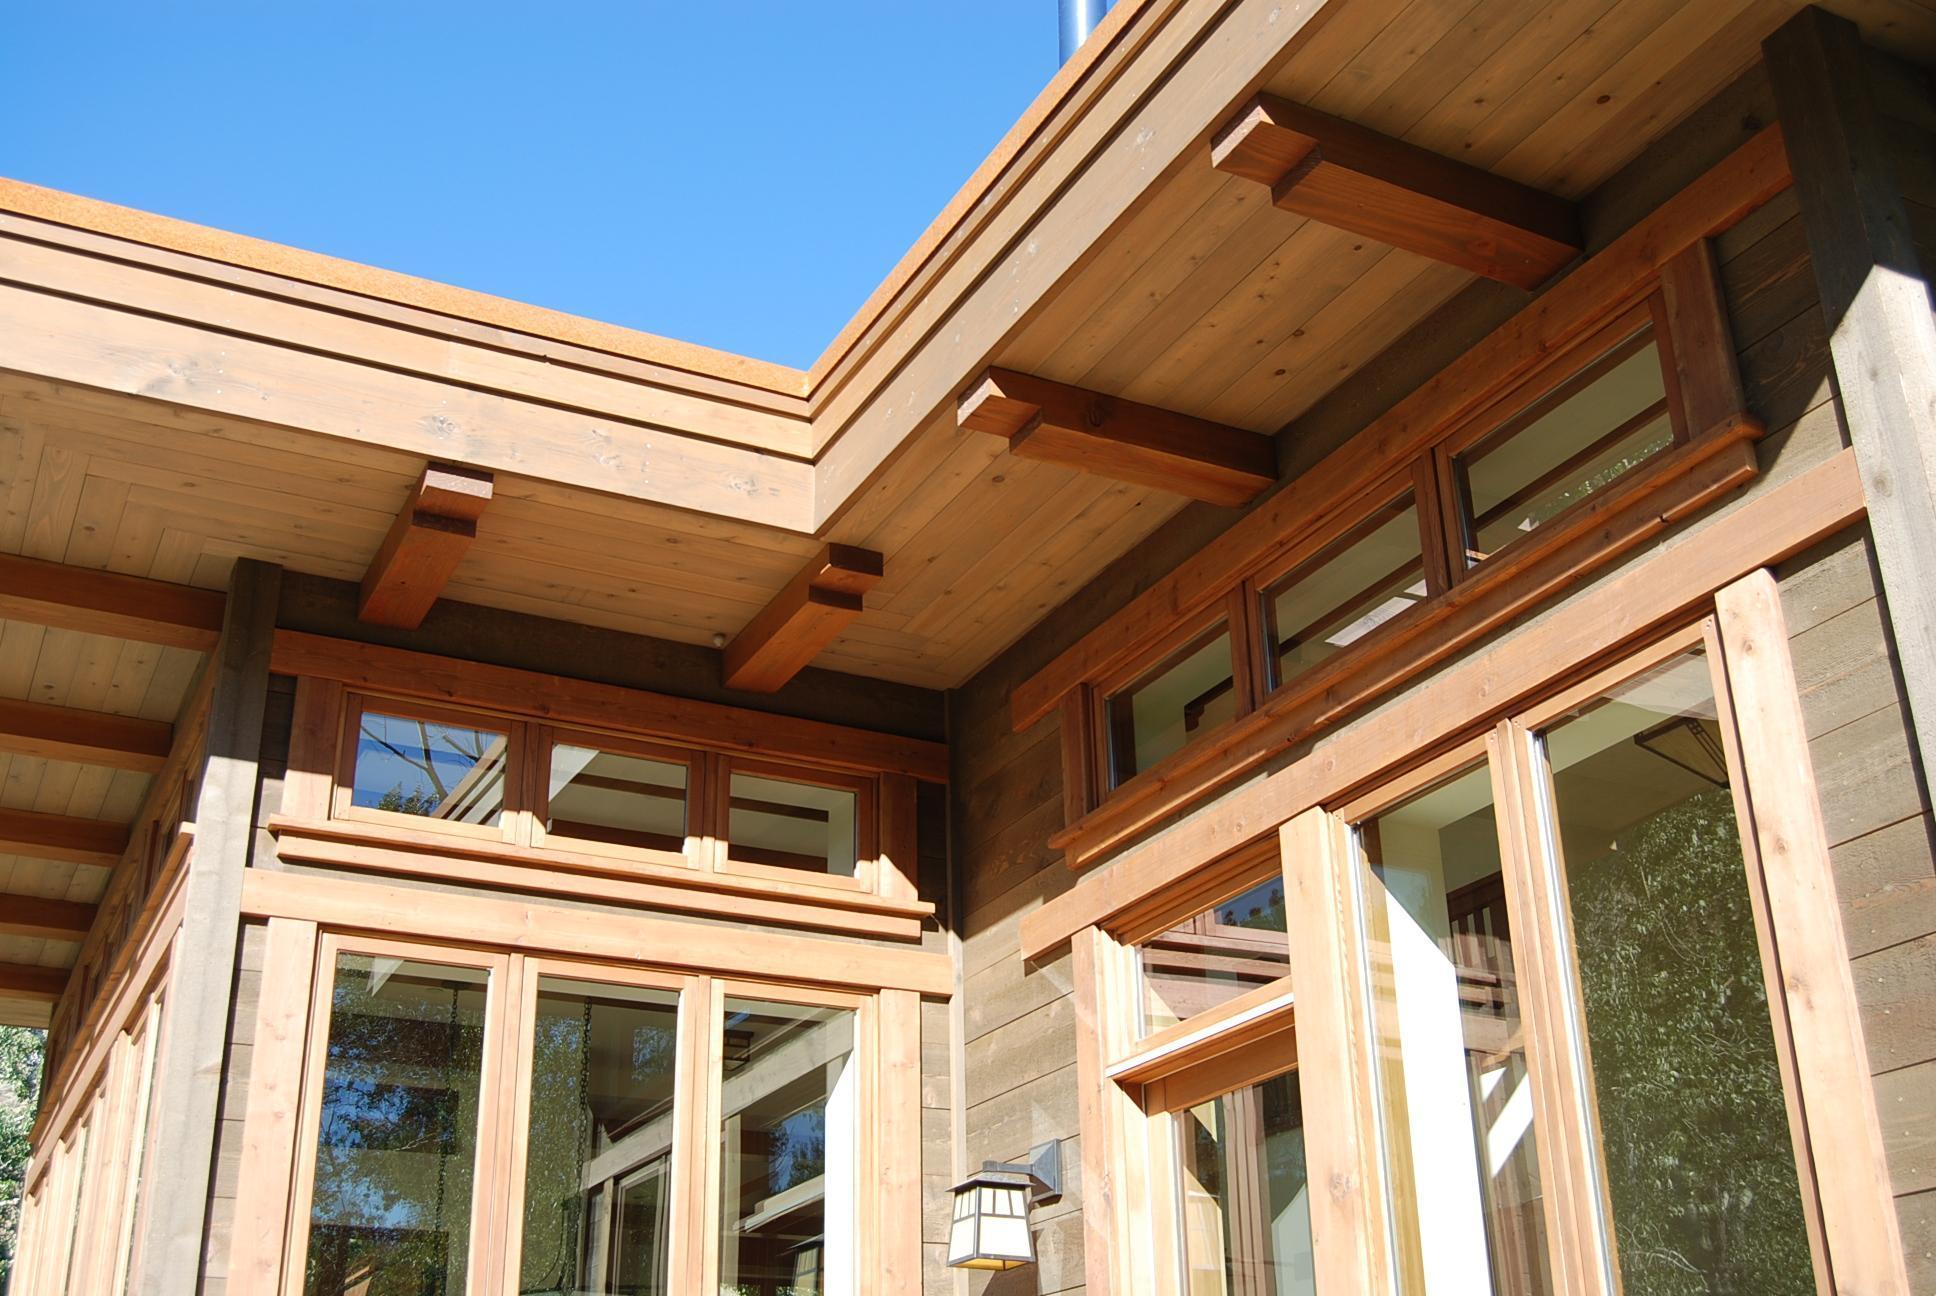 Roof Corbels